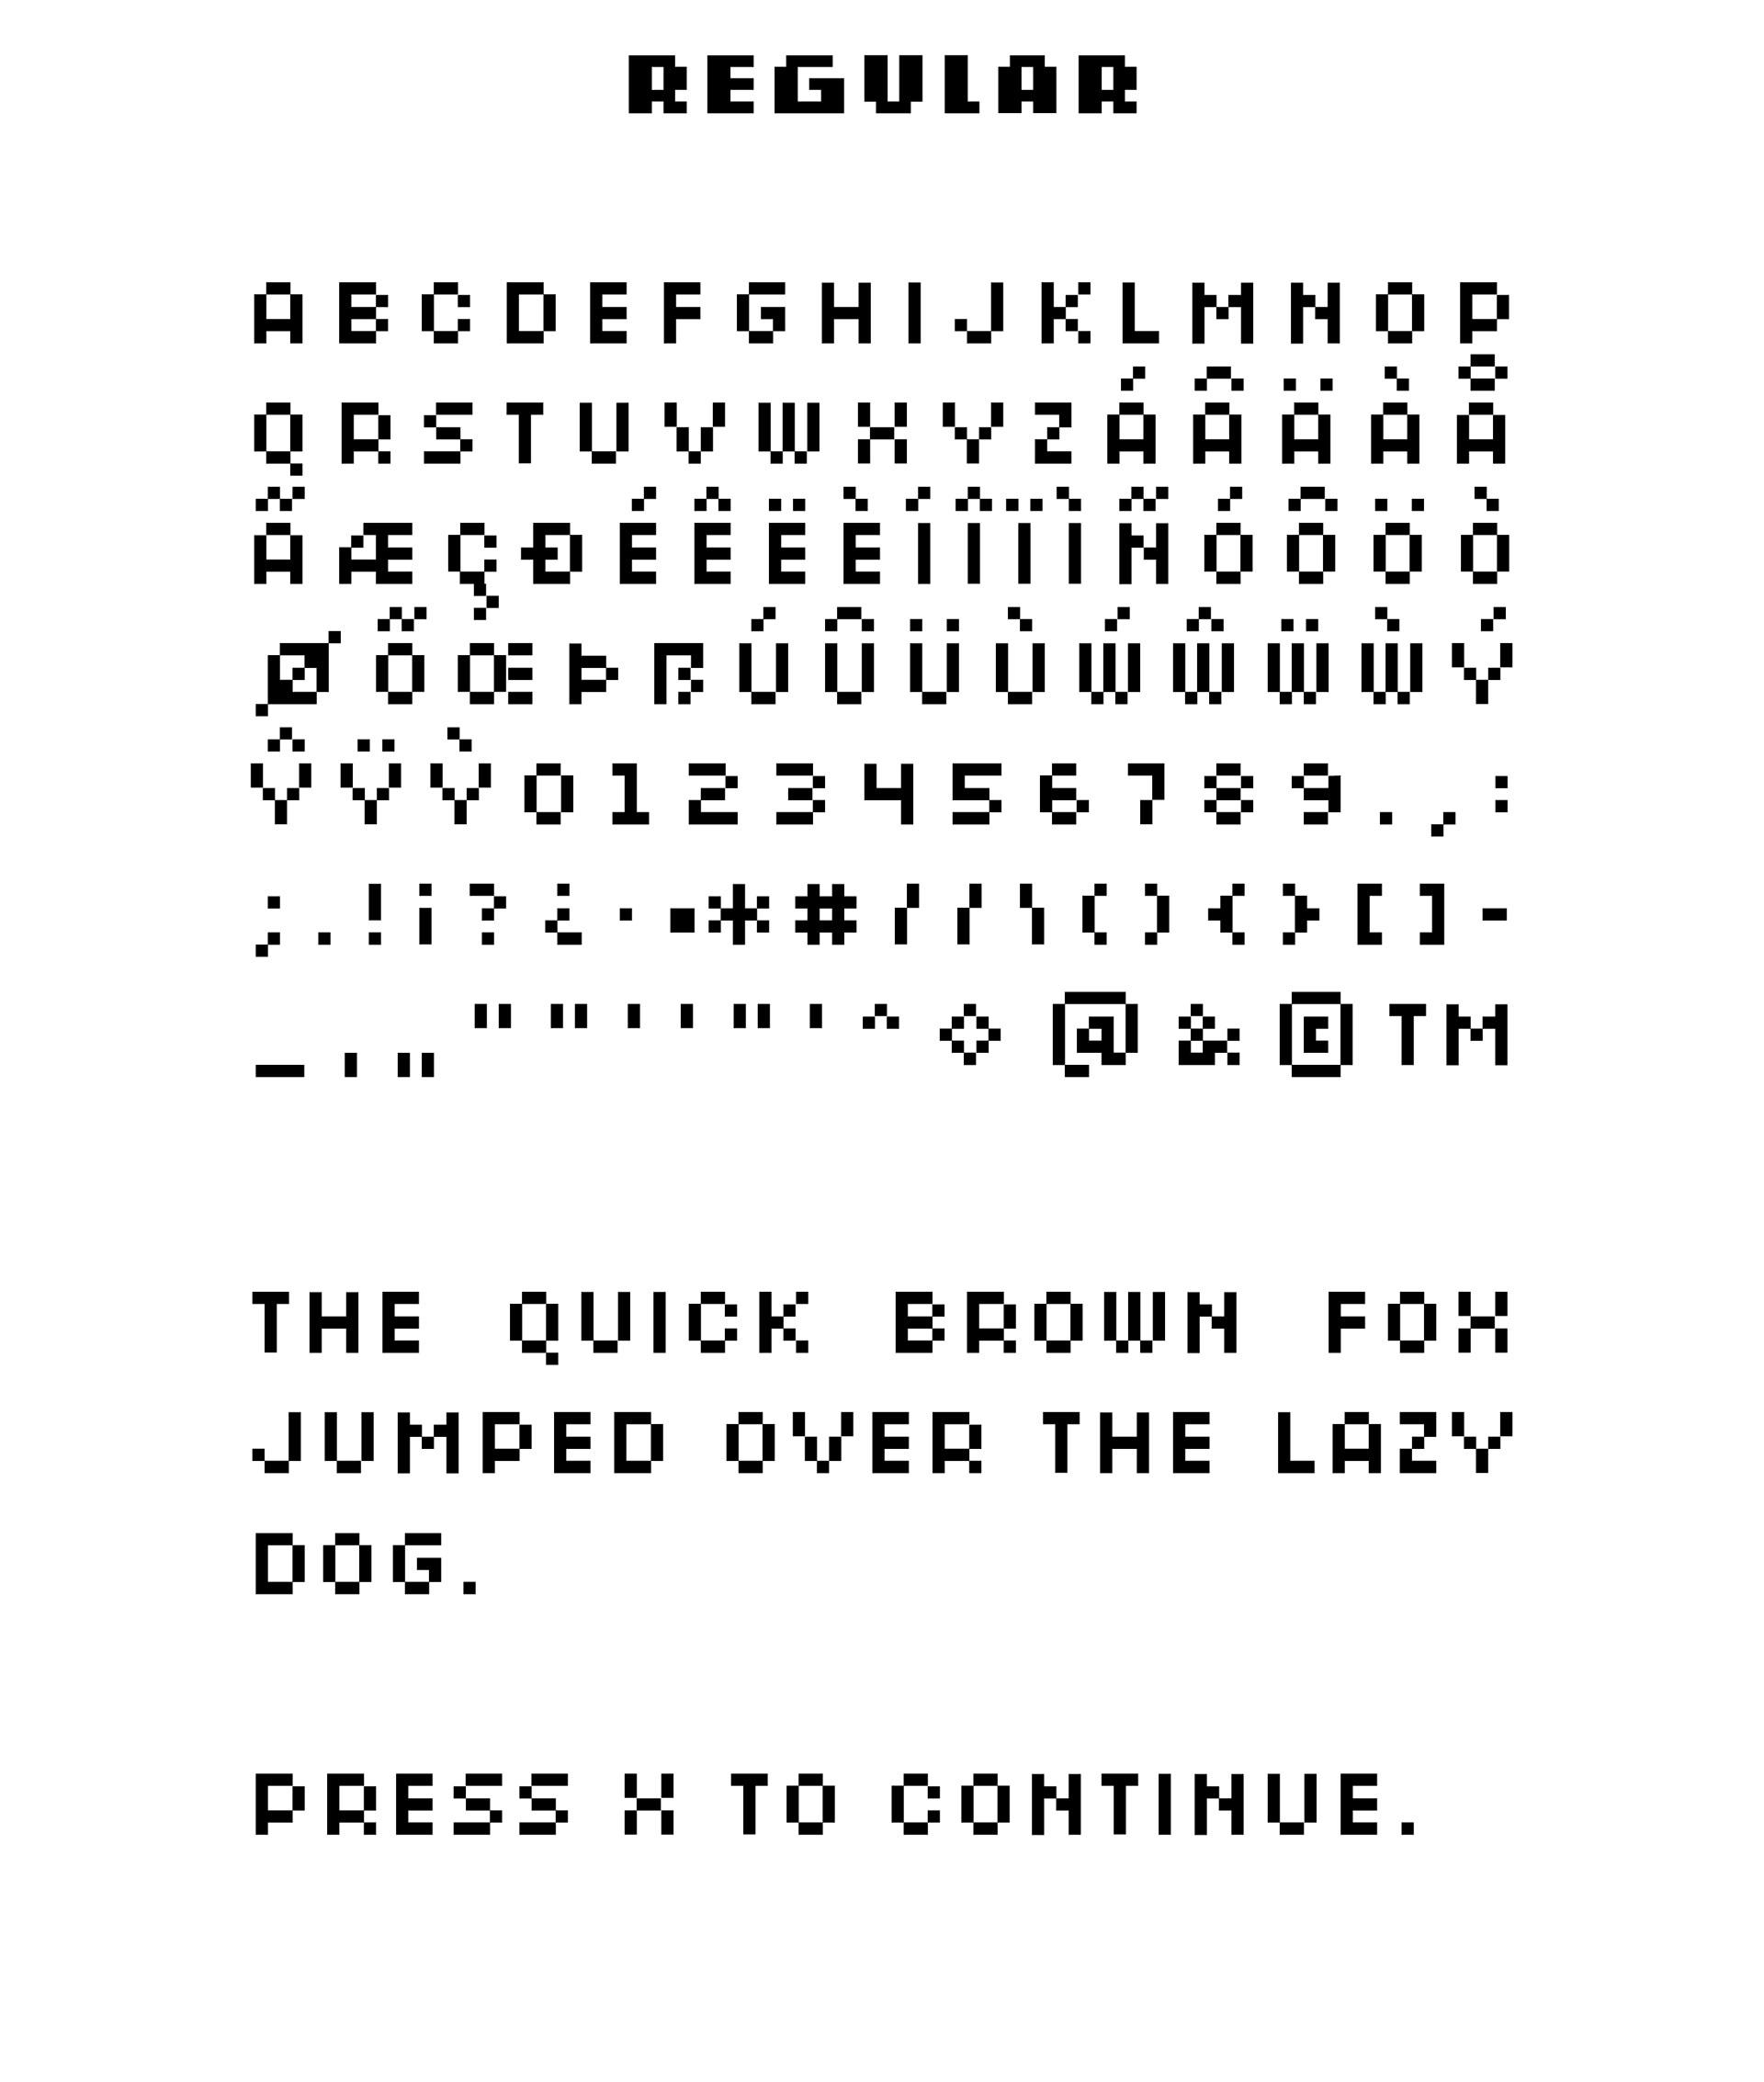 Retrograde Free Pixel Font - bitmap-fonts